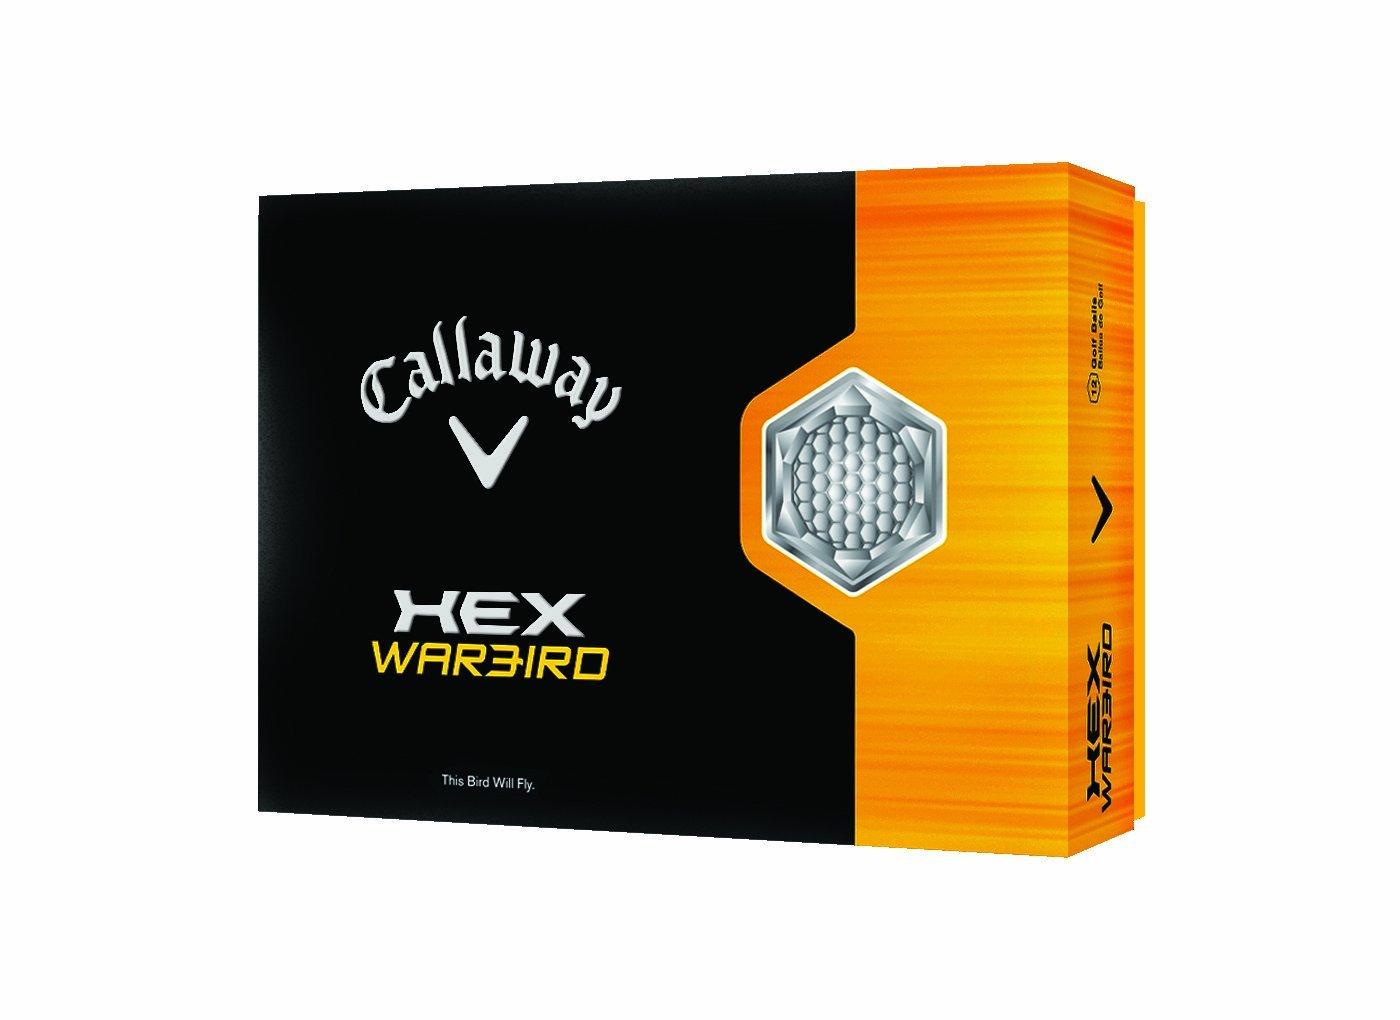 callawy hex warbird best distance golf ball